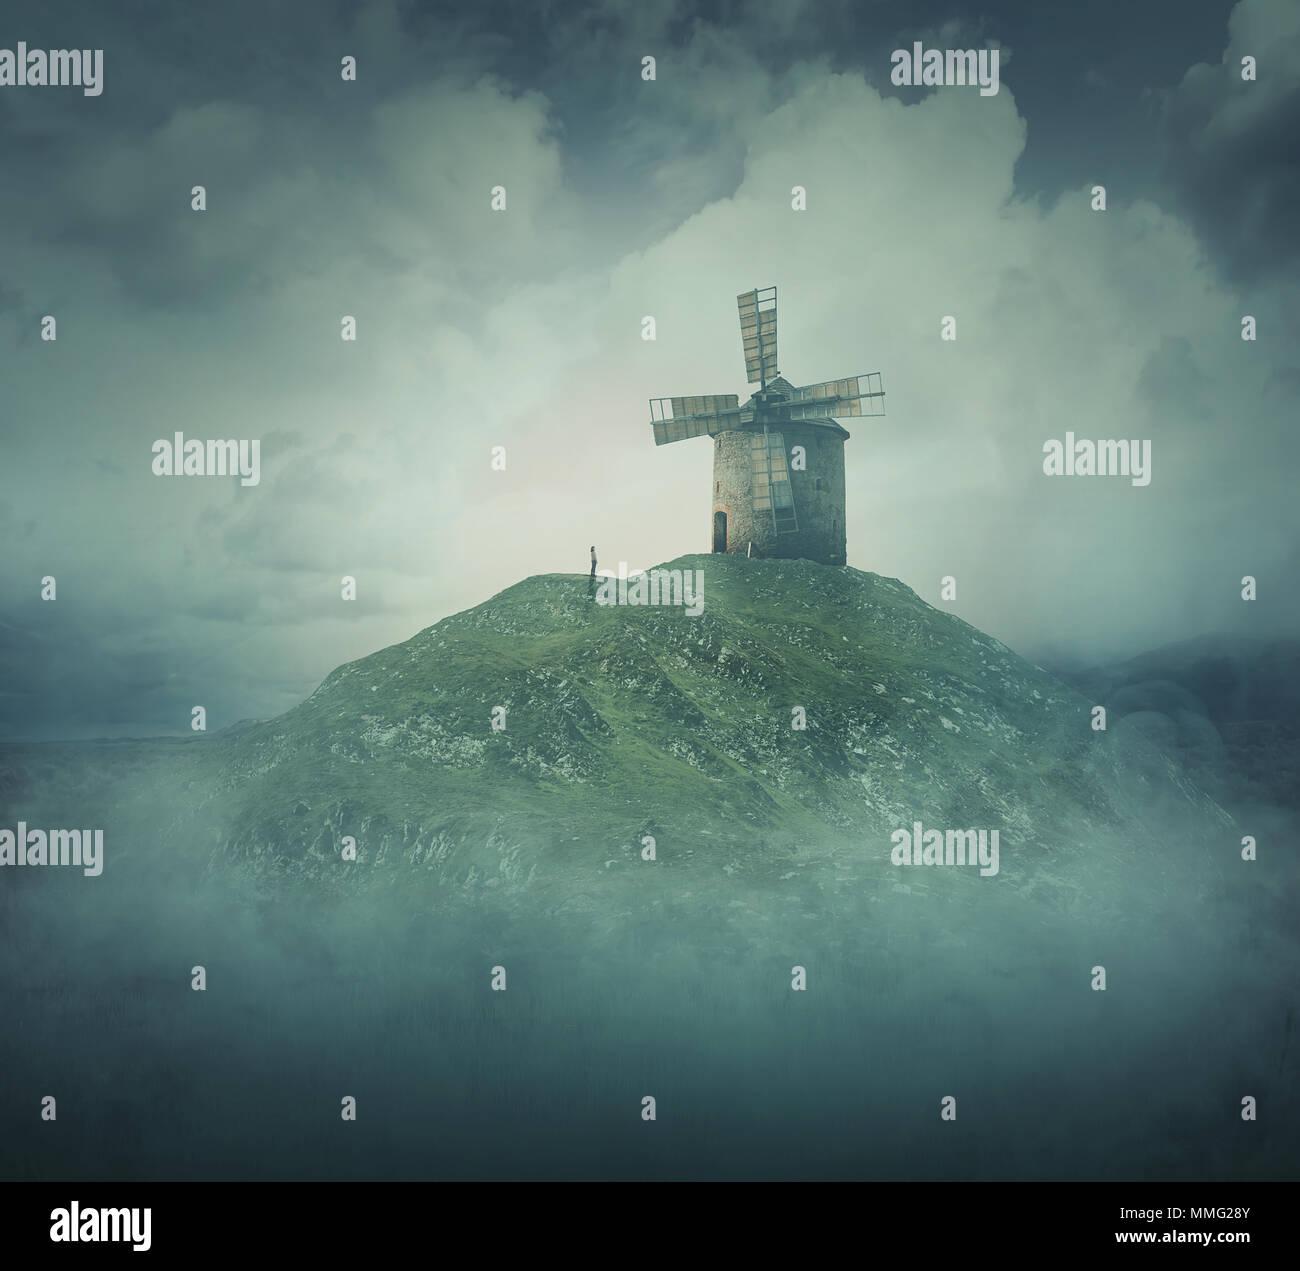 Scenario visualizza come una ragazza del wander silhouette a stare di fronte ad un vecchio mulino a vento sulla cima di una collina circondata da nebbia e nuvole. La vita viaggio concetto, st Immagini Stock